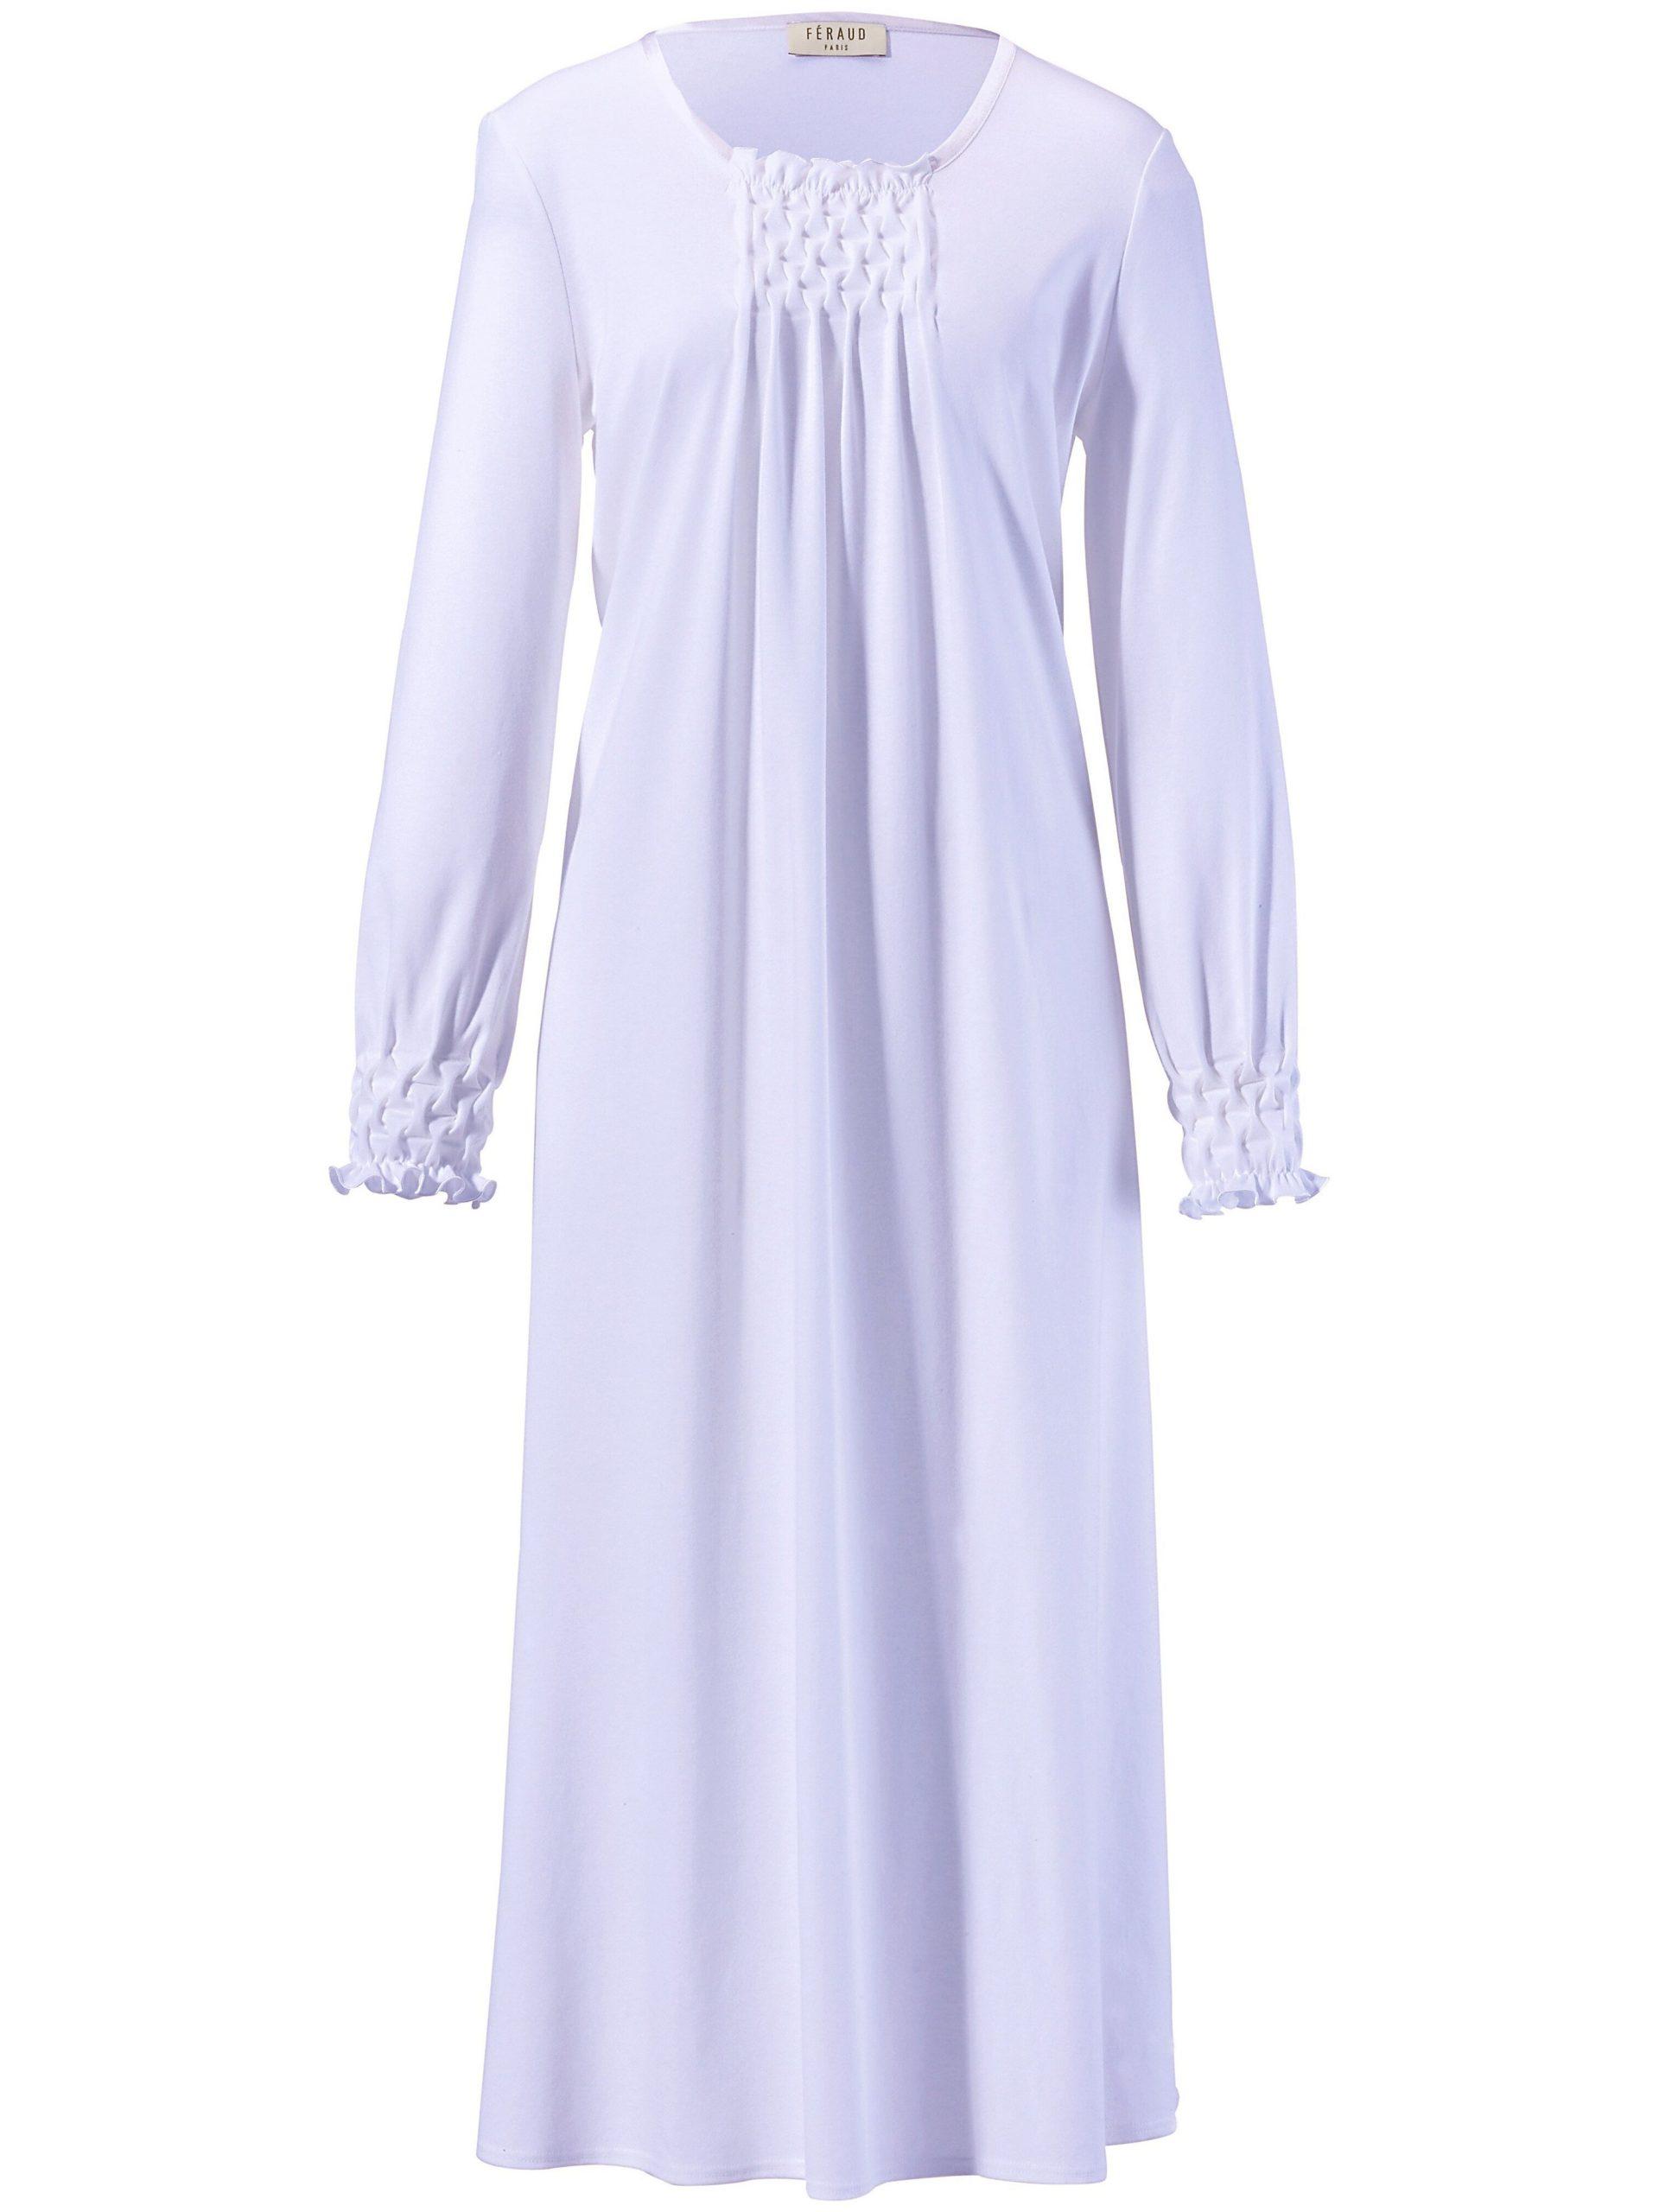 Nachthemd met lange mouwen Van Féraud paars Kopen